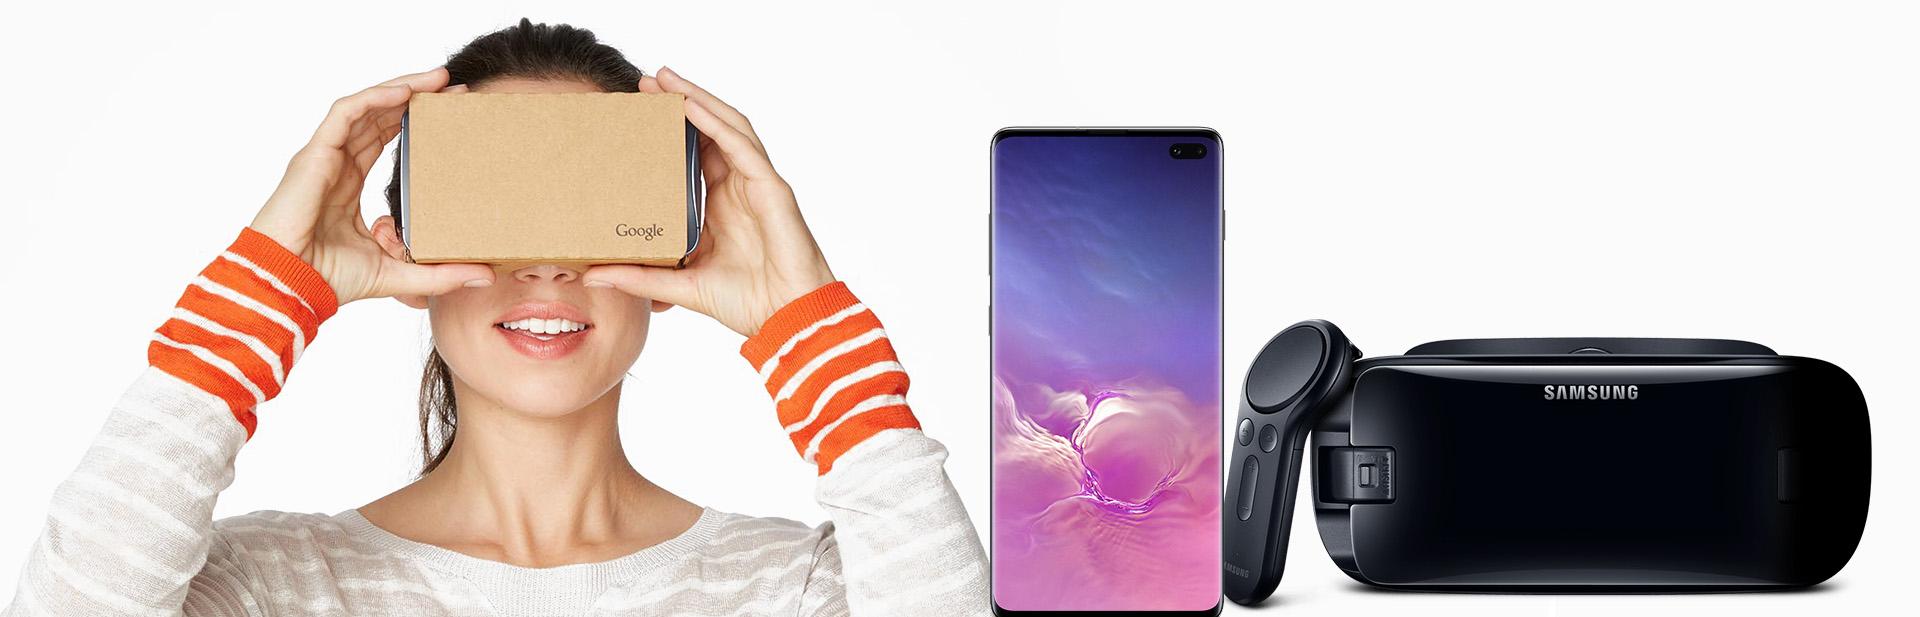 Comparatif des casques vr mobiles professionnels